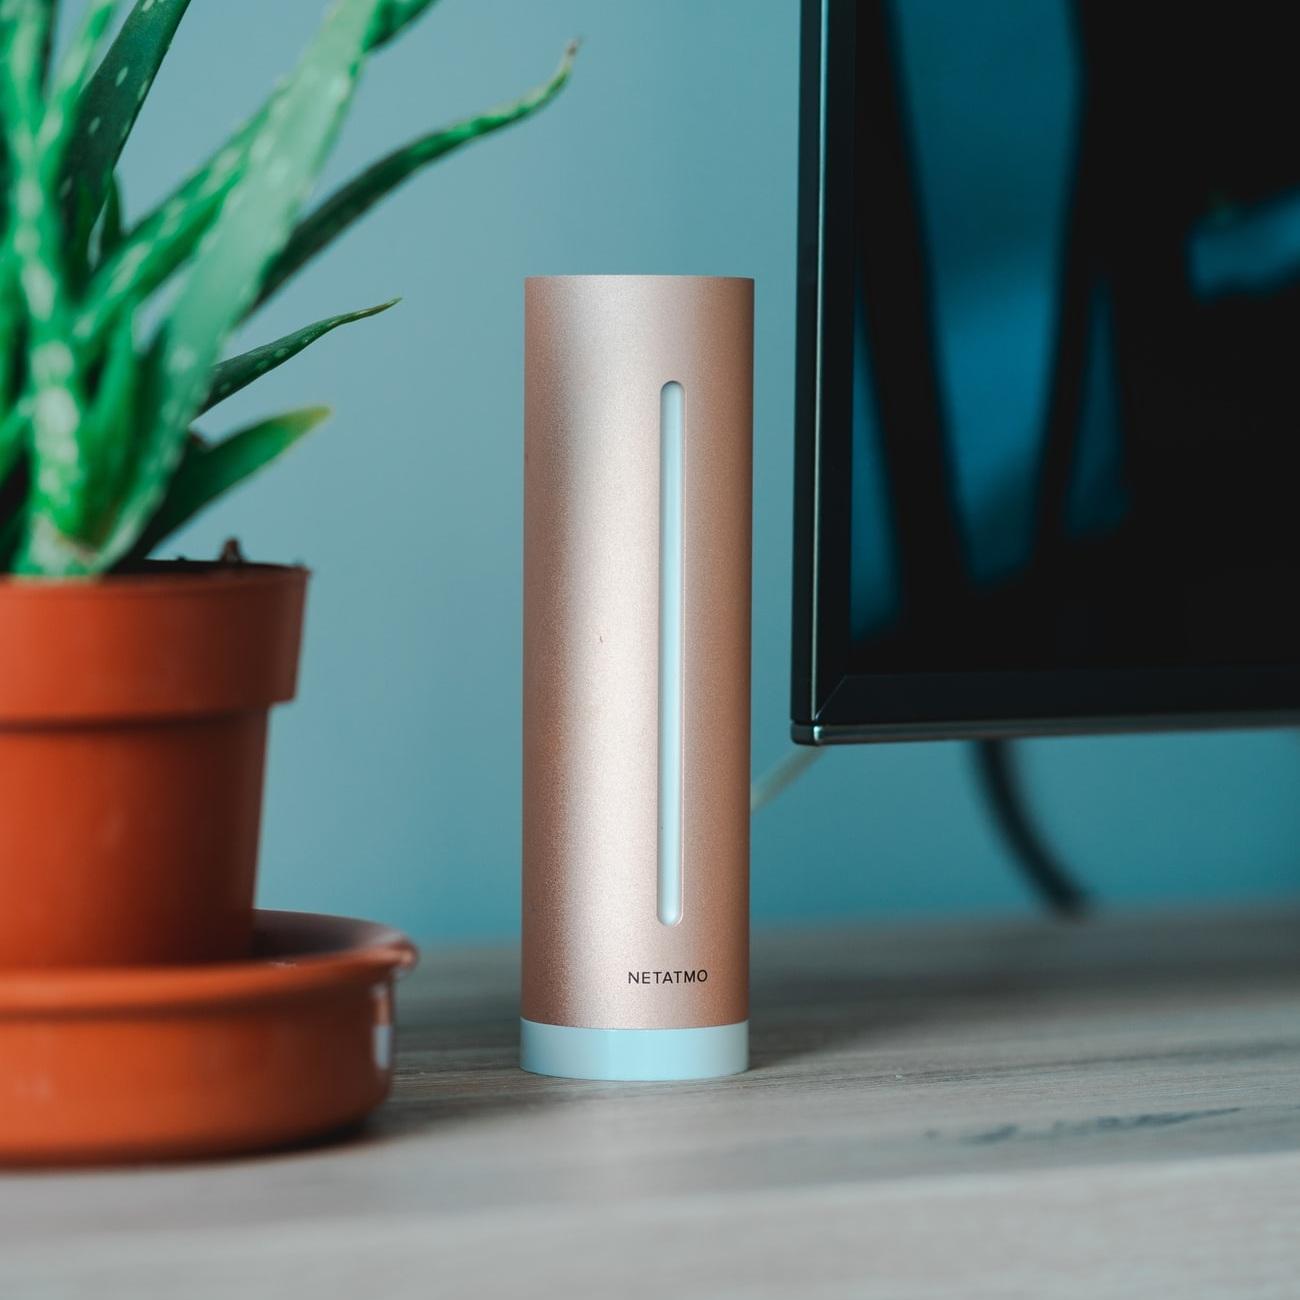 """Netatmo smarter Raumluftsensor - Der Netatmo smarte Raumluftsensor bestimmt durchgehend die Luftqualität, Luftfeuchtigkeit, Temperatur und Lärmpegel in deinem Raum und sagt dir Bescheid an welcher Stelle was """"nicht stimmt"""". Alle Daten erhältst du in Echtzeit auf dein Smartphone.• In der App (iOS und Android) erhältst du Tipps wie du dein Wohnraumklima verbessern kannst.• 3 Profile einstellbar: Allgemein, Baby, Person mit Asthma• Möglichkeit mehrere Räume gleichzeitig zu überwachen"""